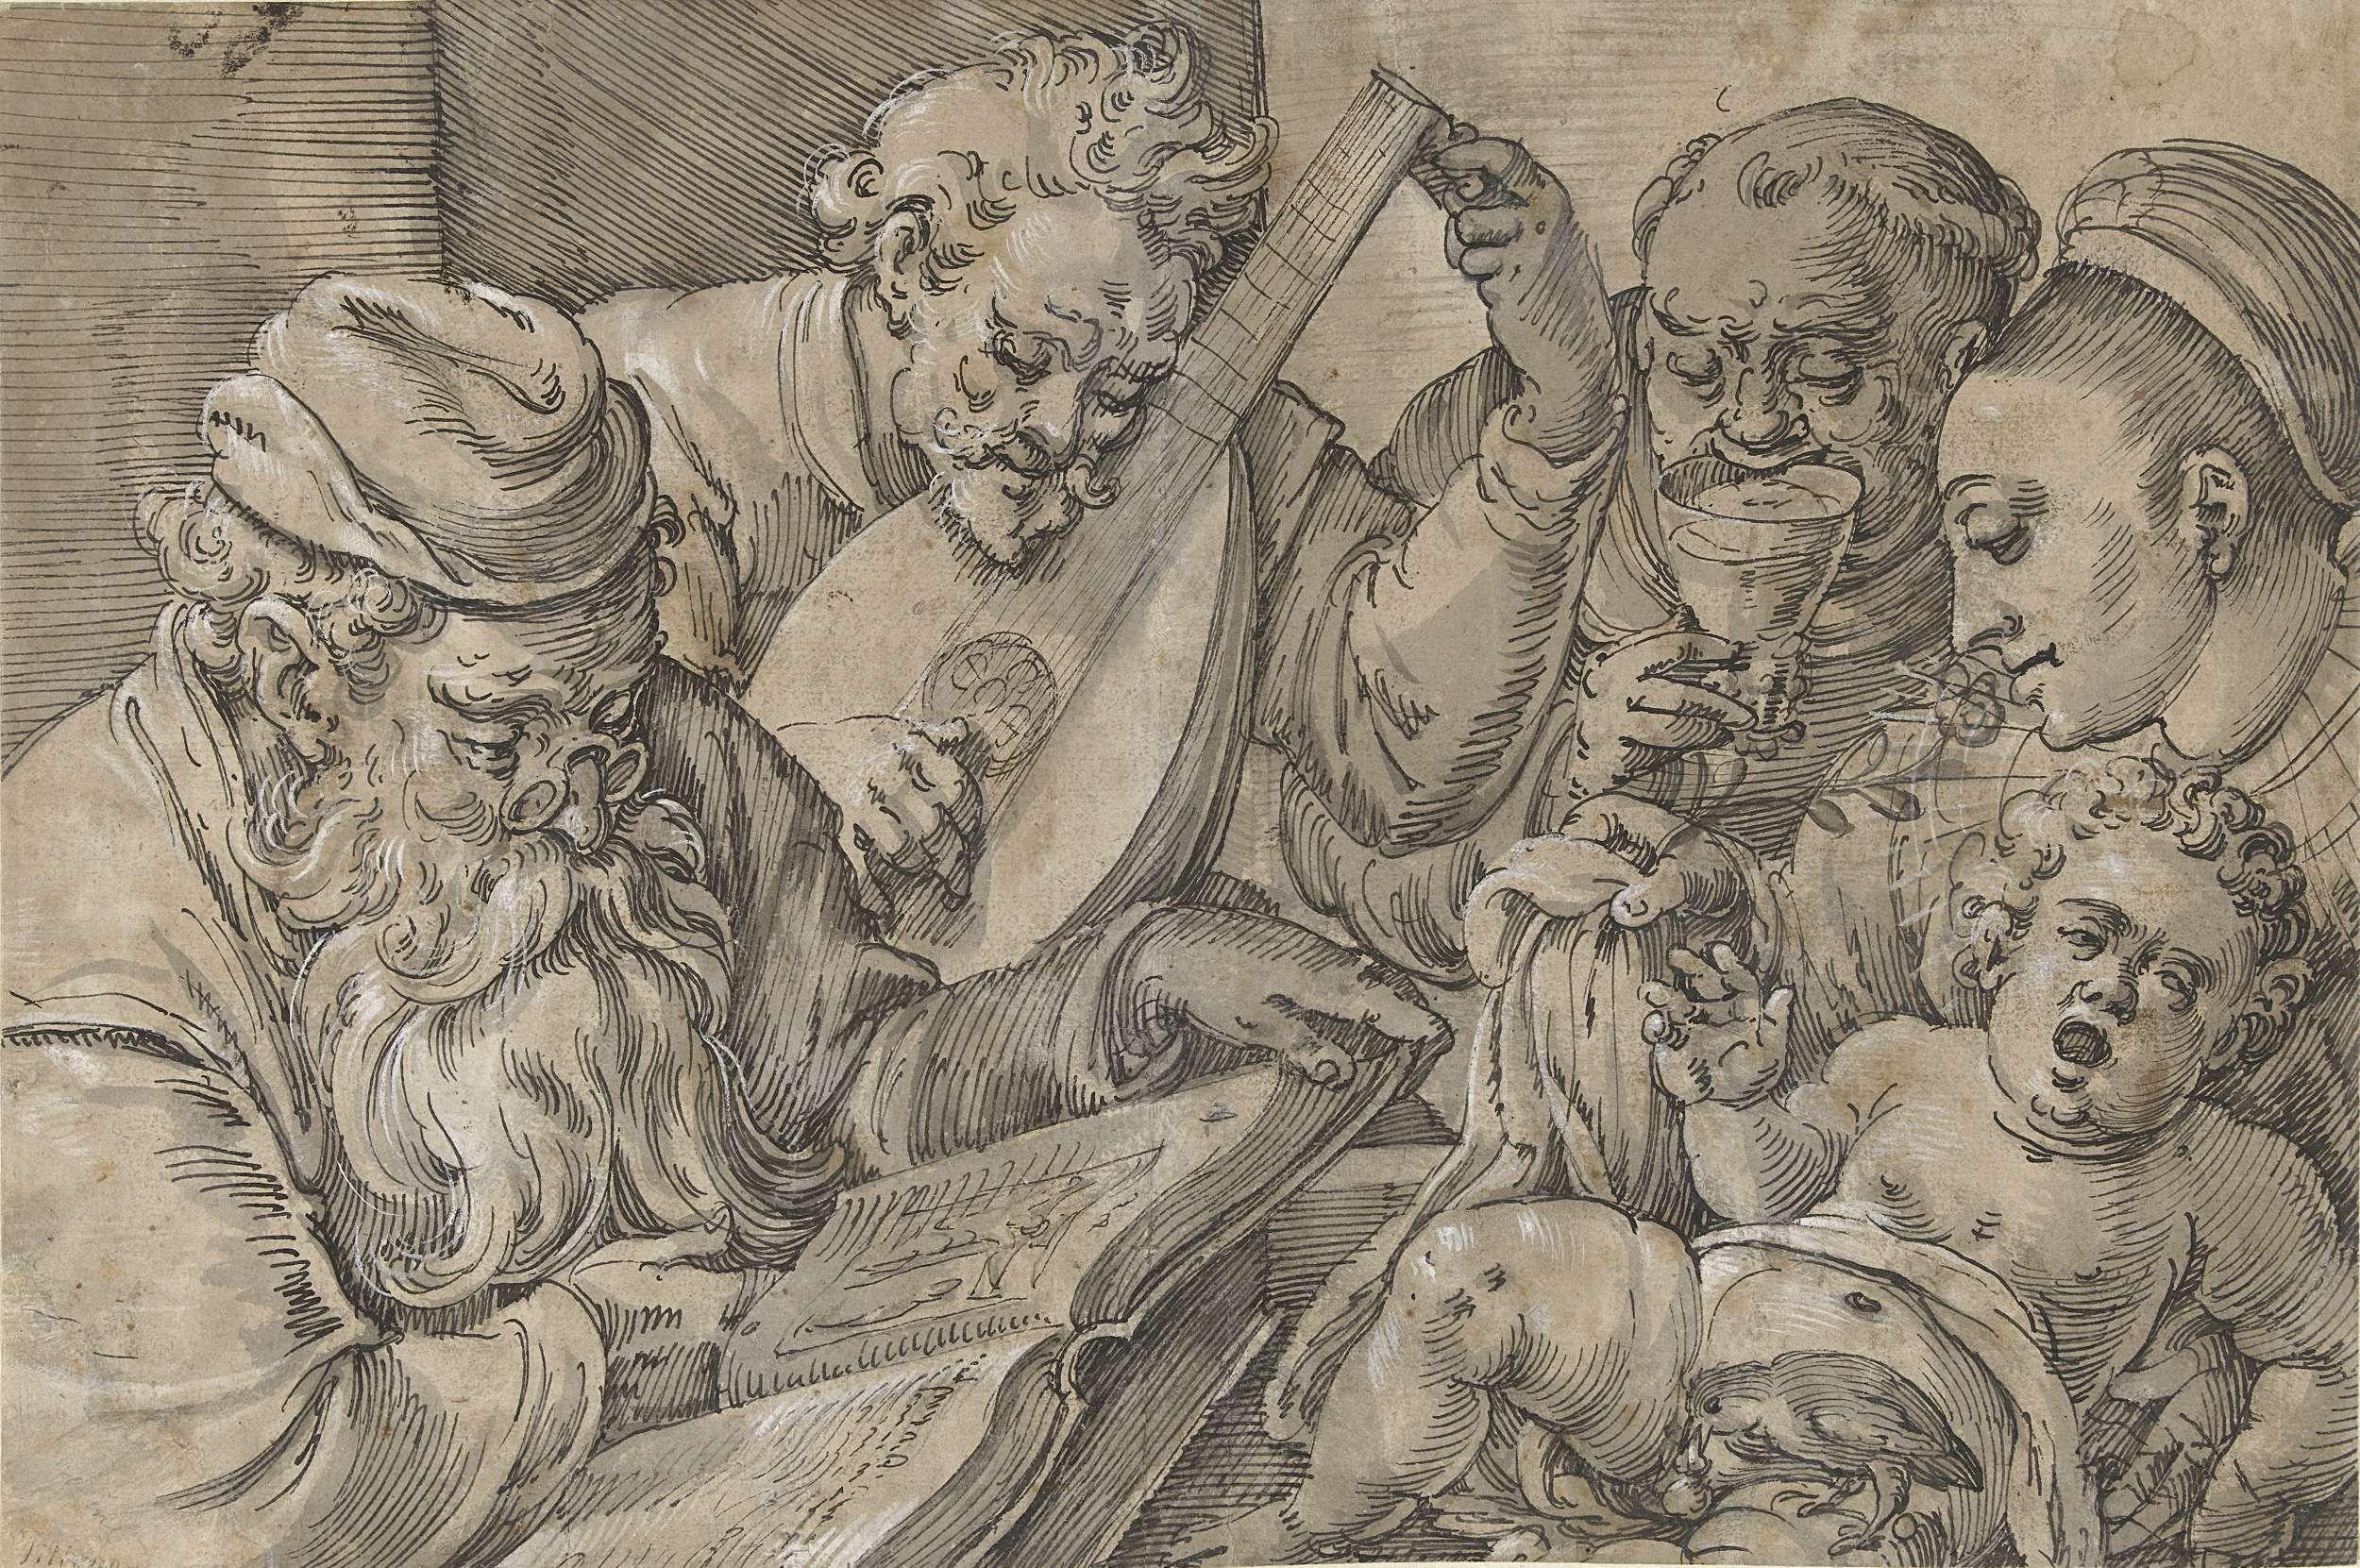 Anton Möller (der Ältere) | De vijf zintuigen (en tevens vijf leeftijden?), Anton Möller (der Ältere), 1578 - 1611 | Een vogel bijt de penis van een klein jongetje (Gevoel); een jonge vrouw ruikt aan een bloem (Reuk); een monnik drinkt een glas wijn (Smaak); een man stemt een luit (Gehoor); een oude man leest een boek waarin een afbeelding van Christus aan het kruis (Gezicht).